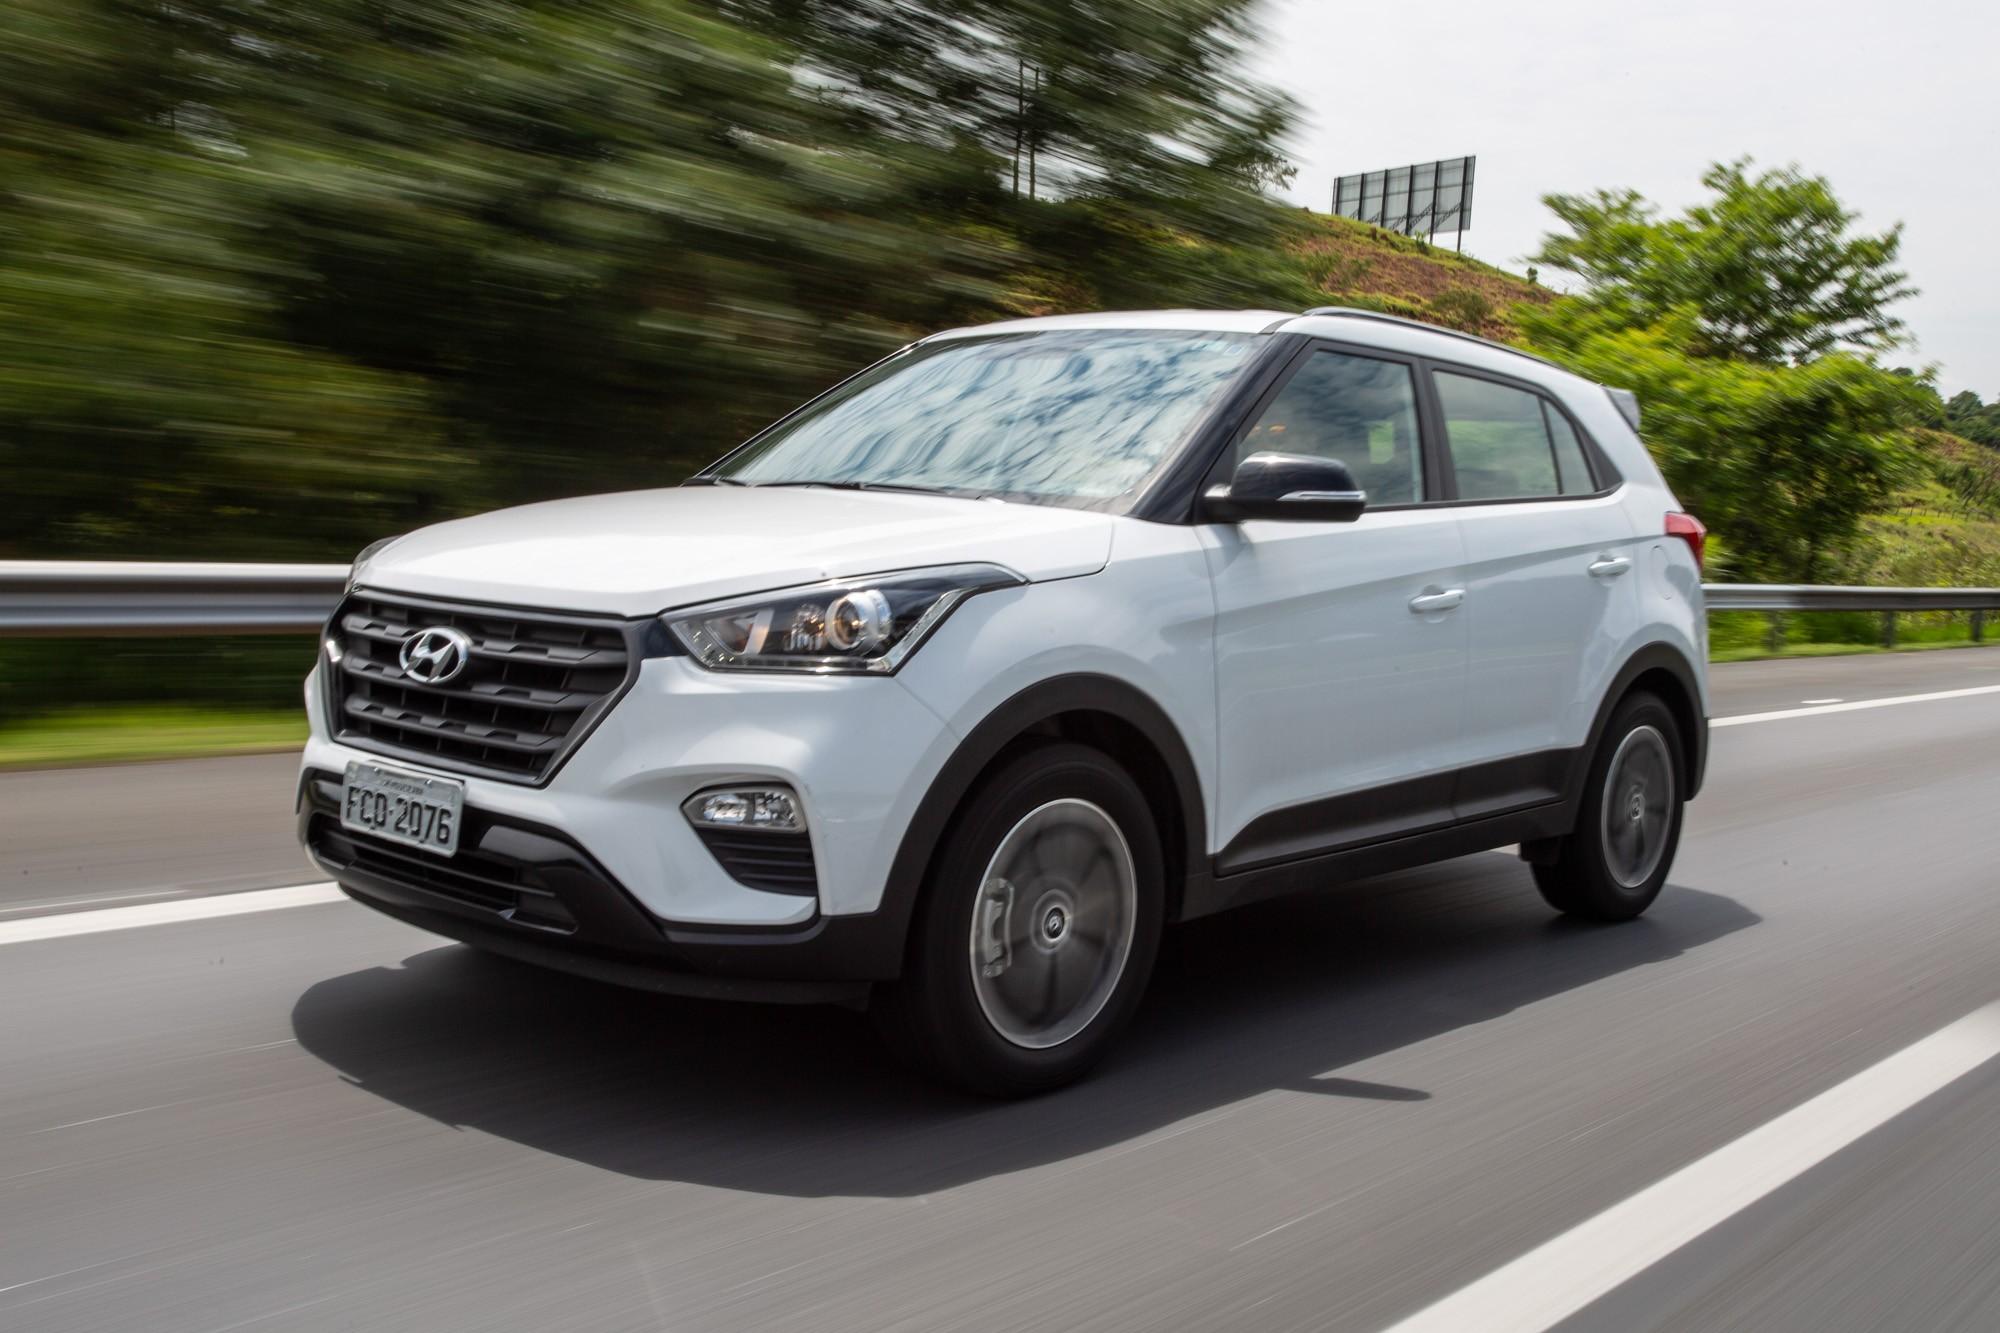 Hyundai vê cliente receoso com turbo e descarta motor para o Creta - Notícias - Plantão Diário